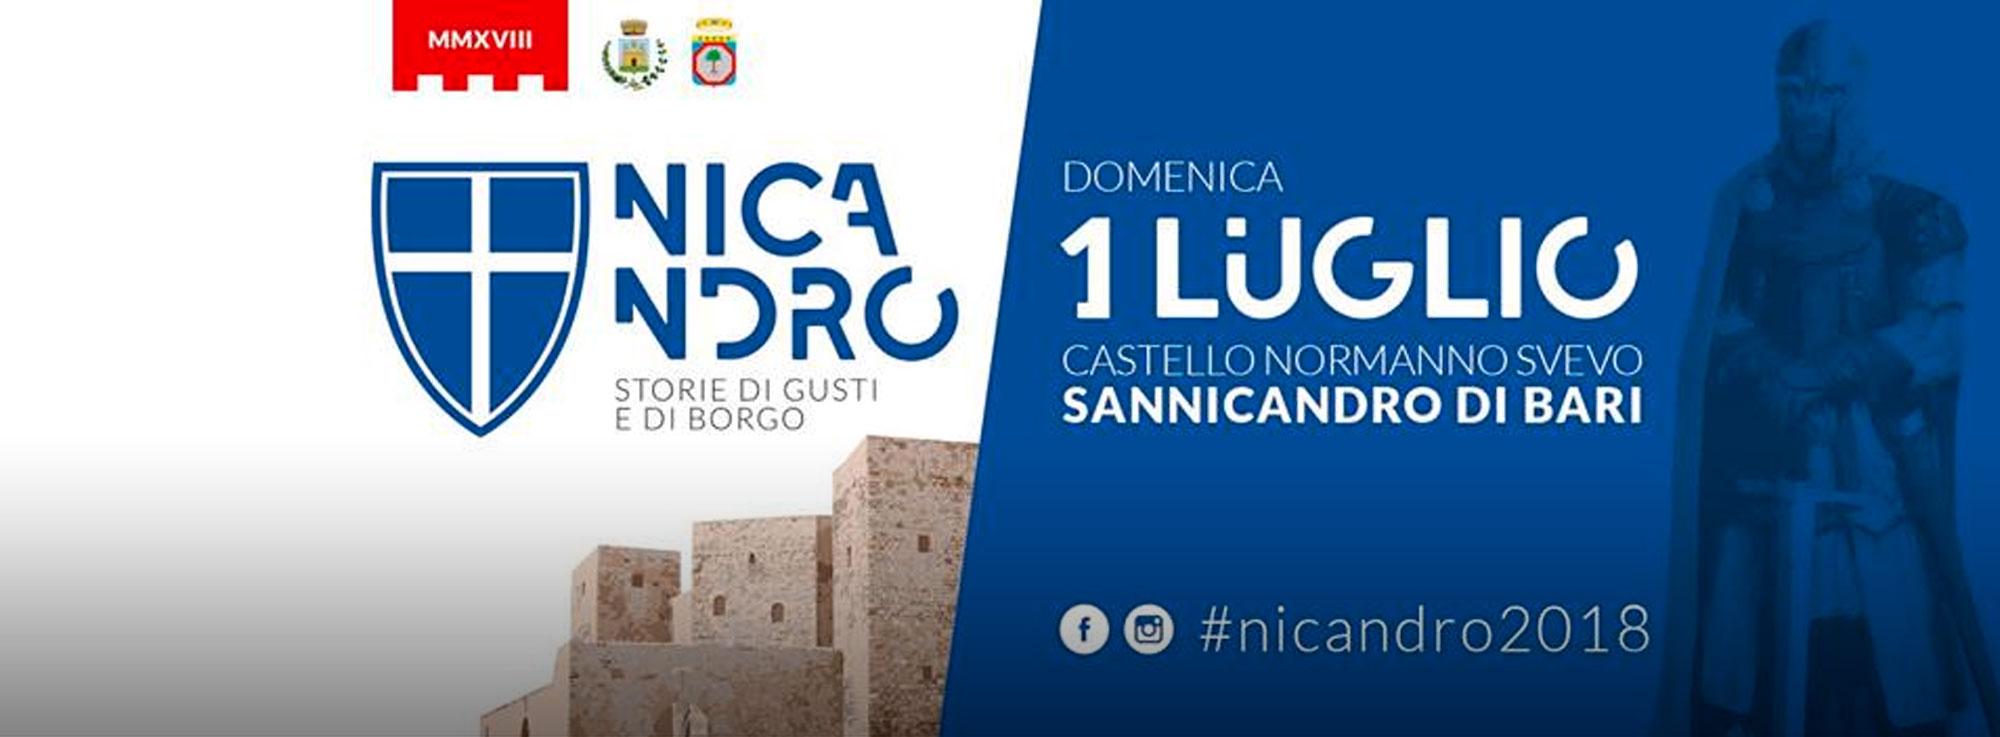 Sannicandro di Bari: Nicandro 2018